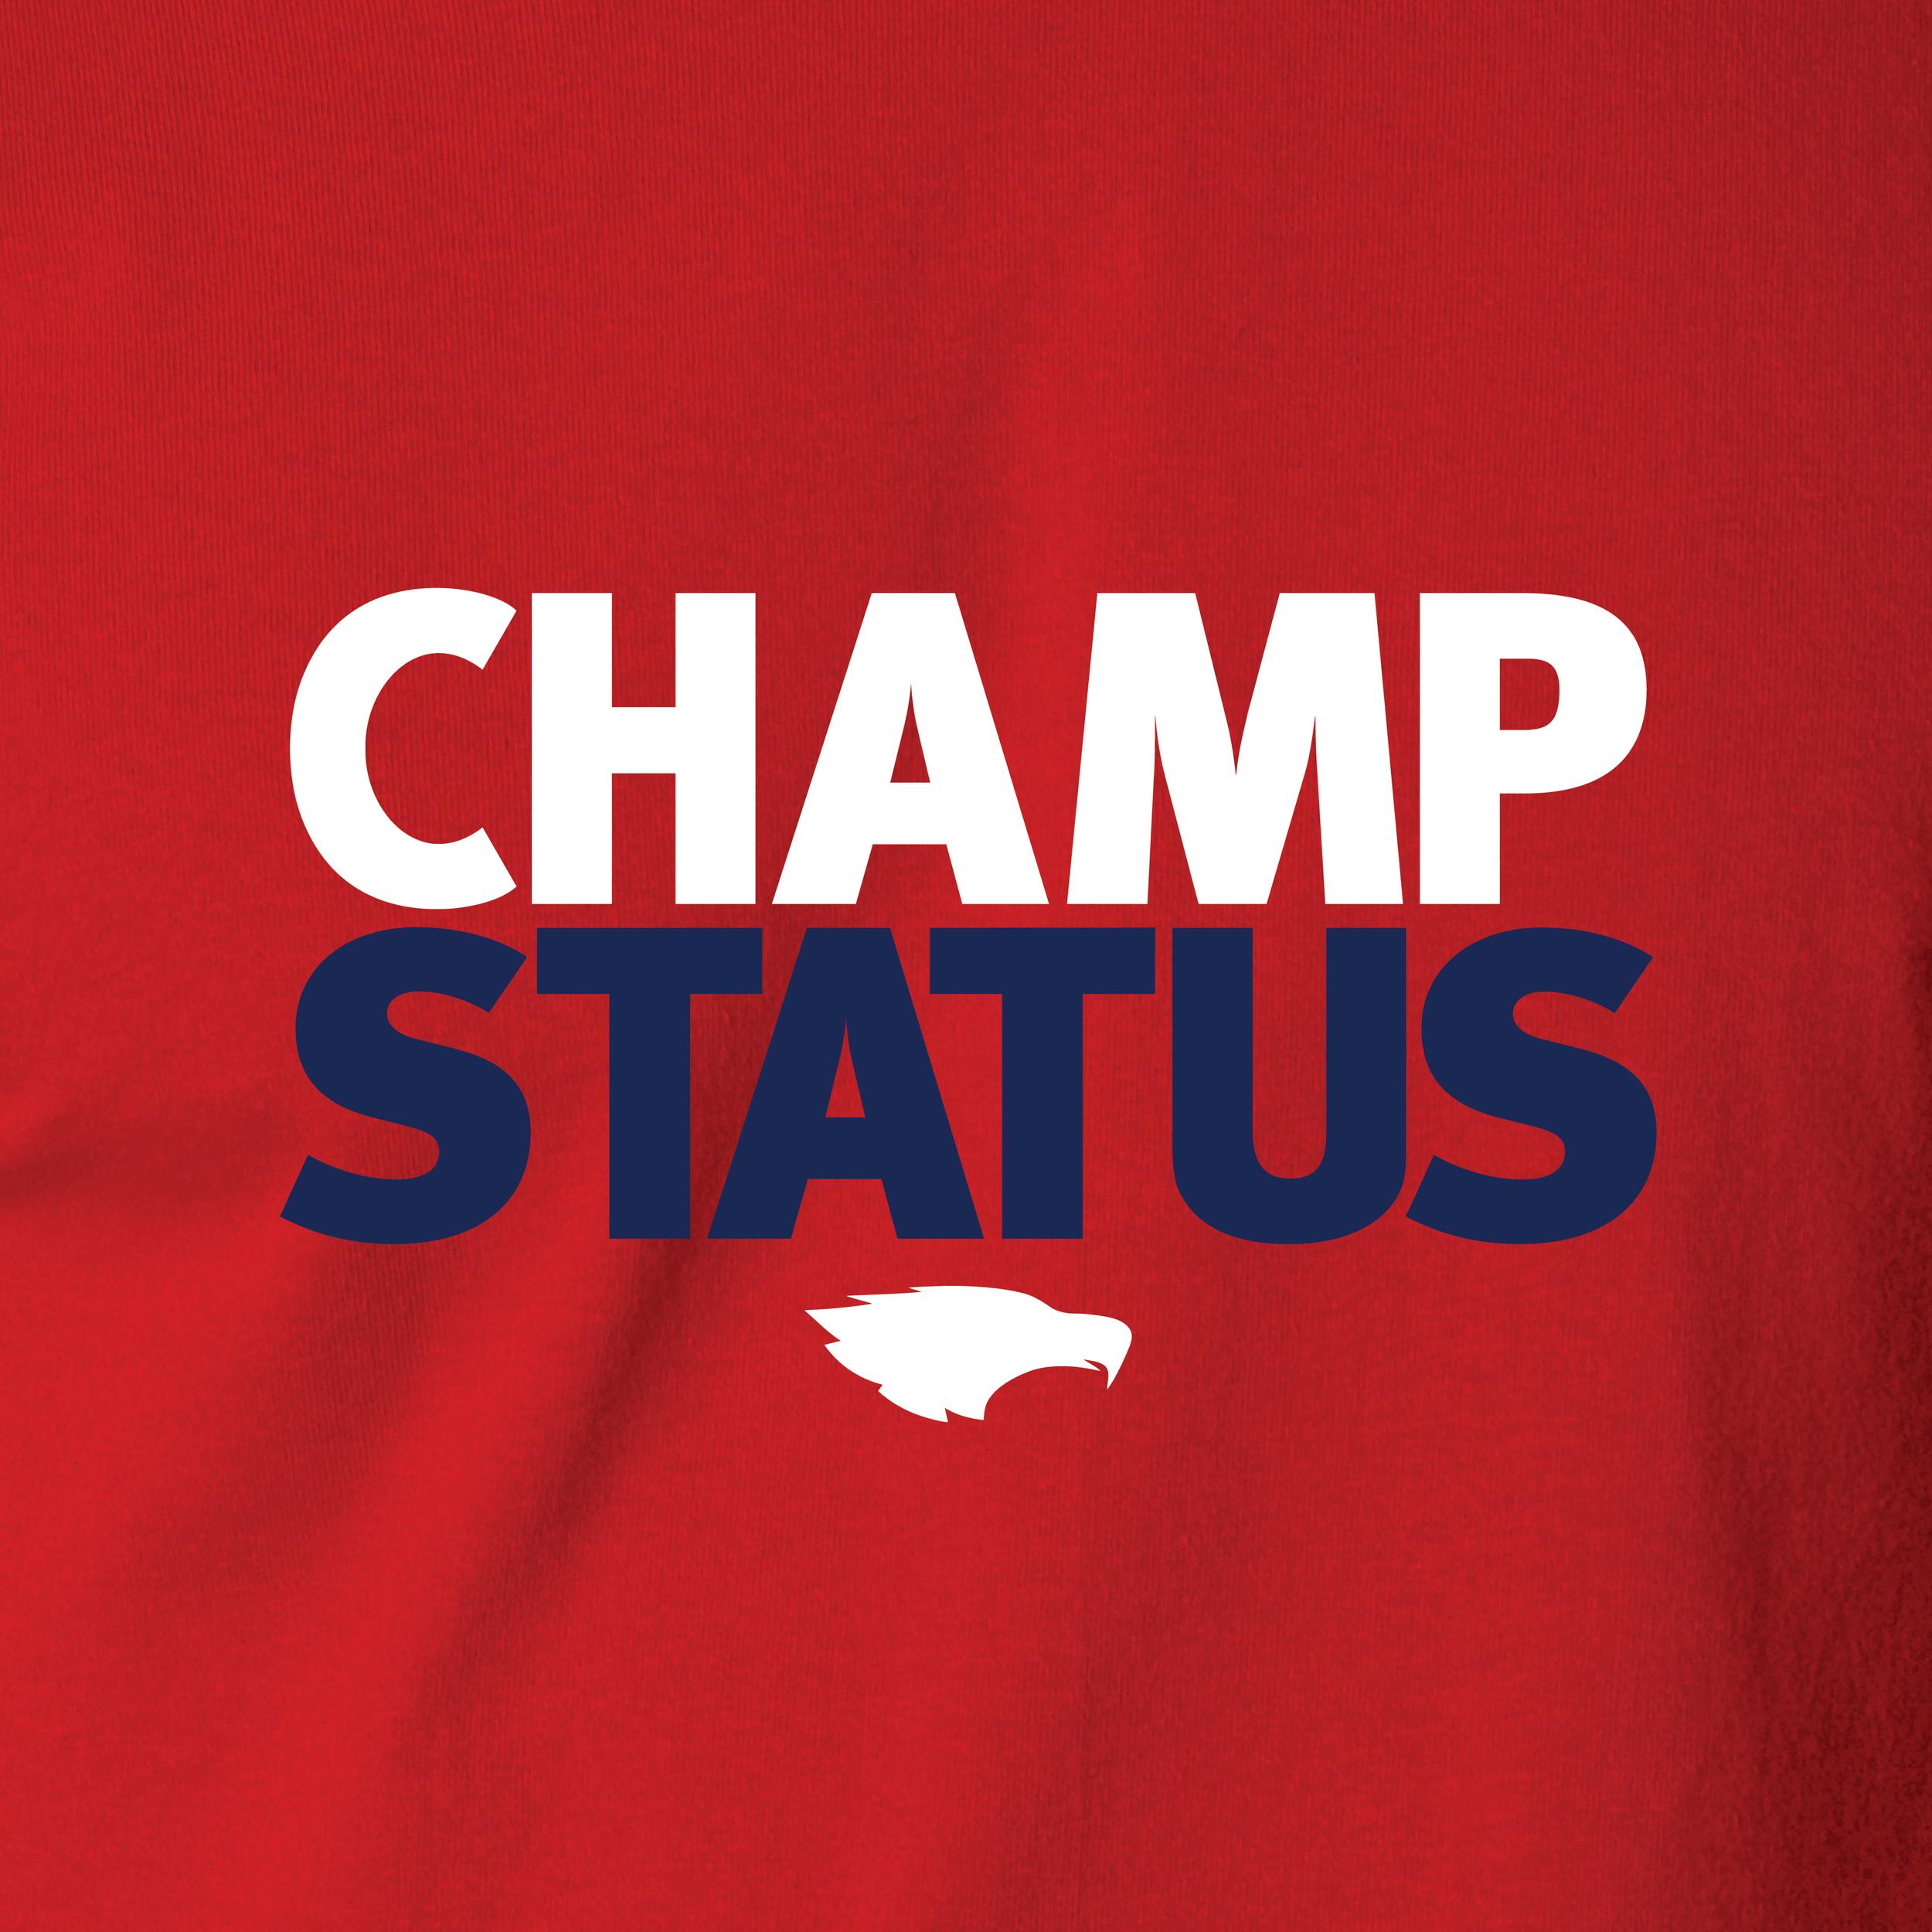 ChampStatusShirt-01.jpg